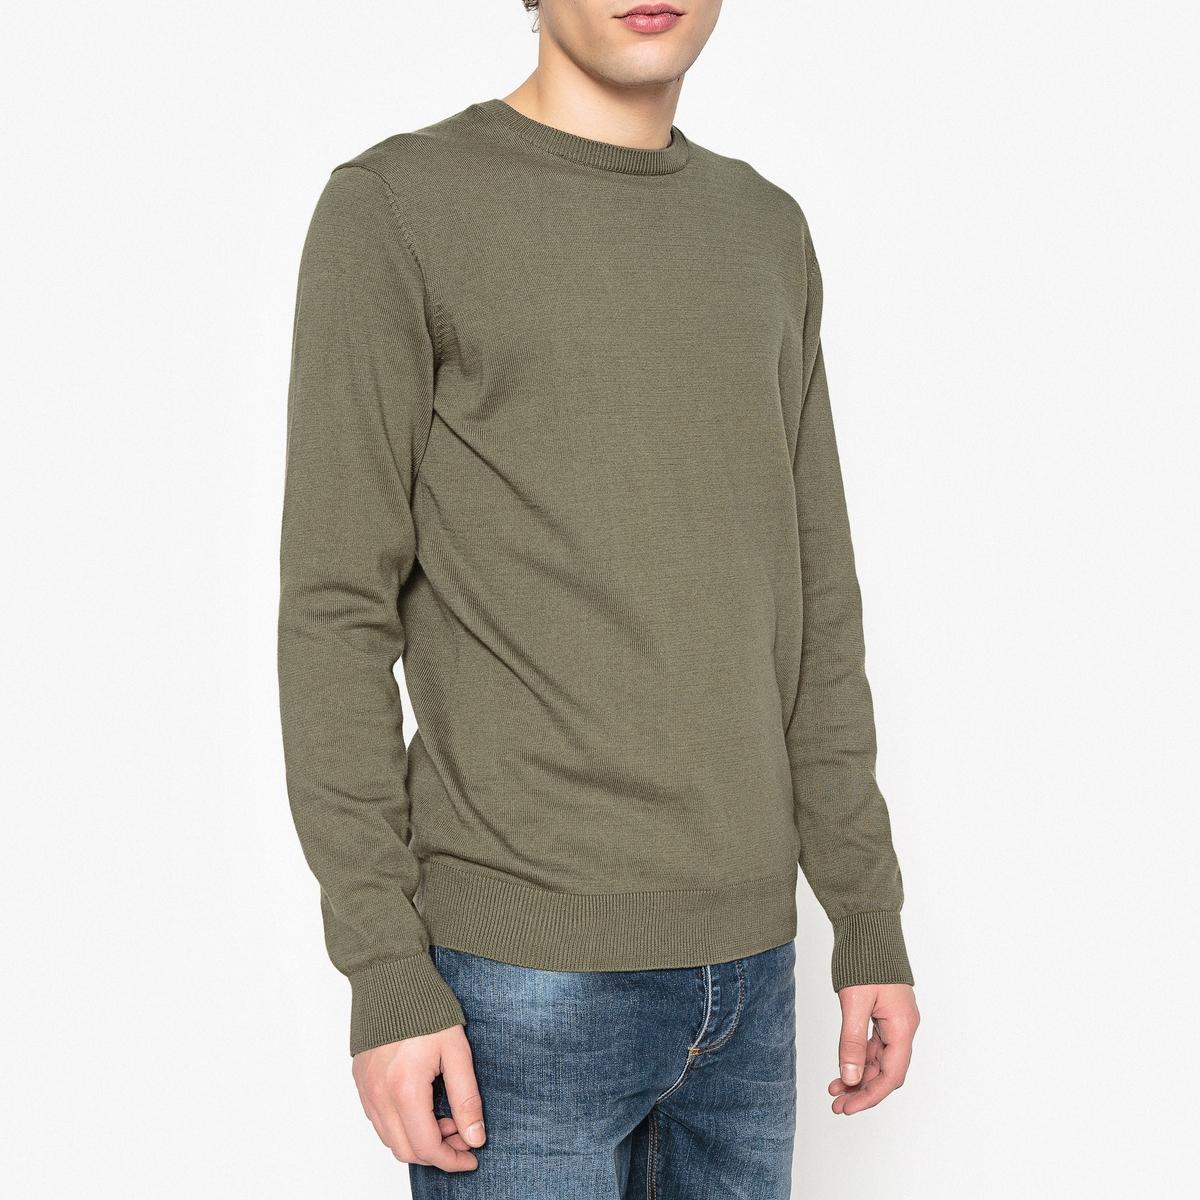 Пуловер с круглым вырезом 100% хлопкаПуловер с длинными рукавами. Прямой покрой, круглый вырез. Края низа и рукавов связаны в рубчик.Состав и описание :Материал : 100% хлопкаМарка : R essentiel.<br><br>Цвет: зеленый хаки,розовый